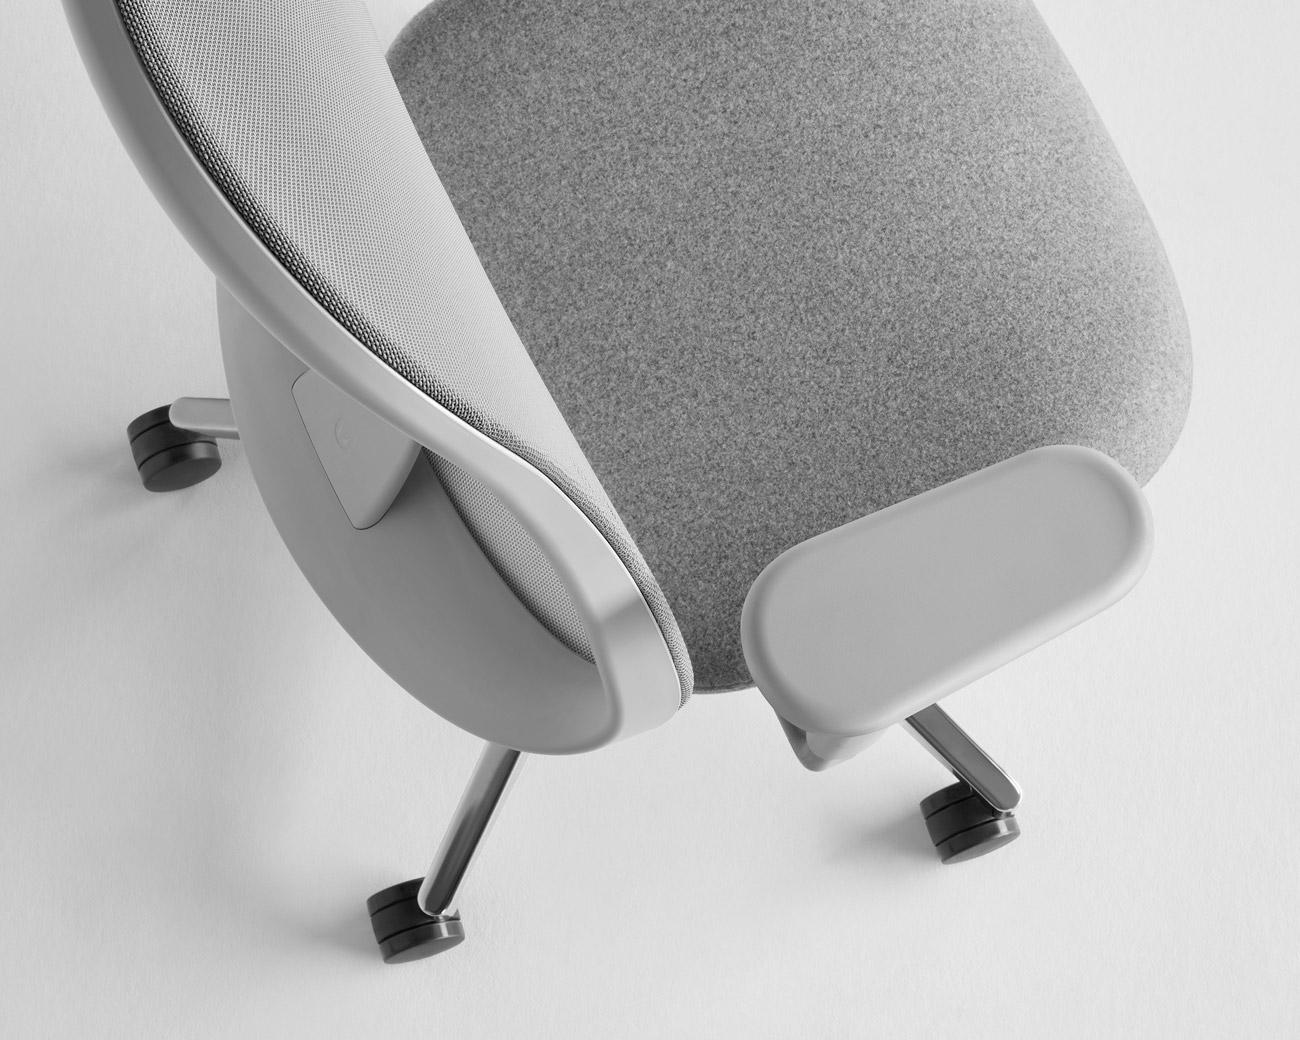 chaise de bureau ergonomique support lombaire